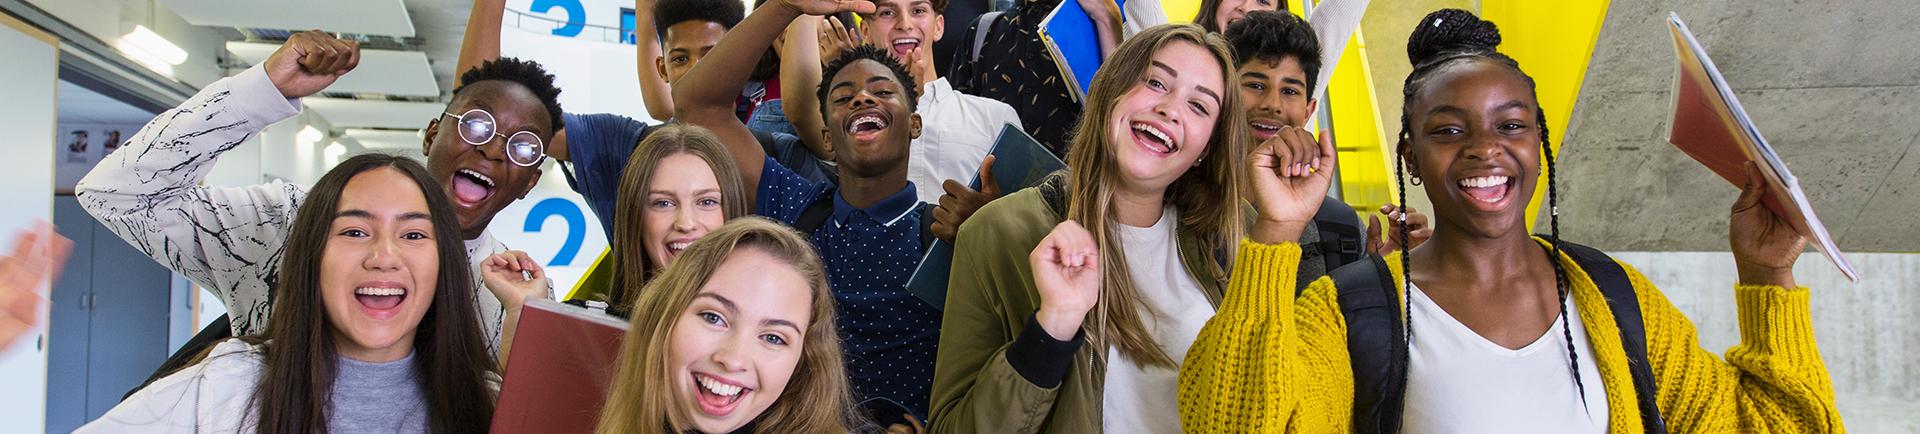 Grupo de jovens reunido